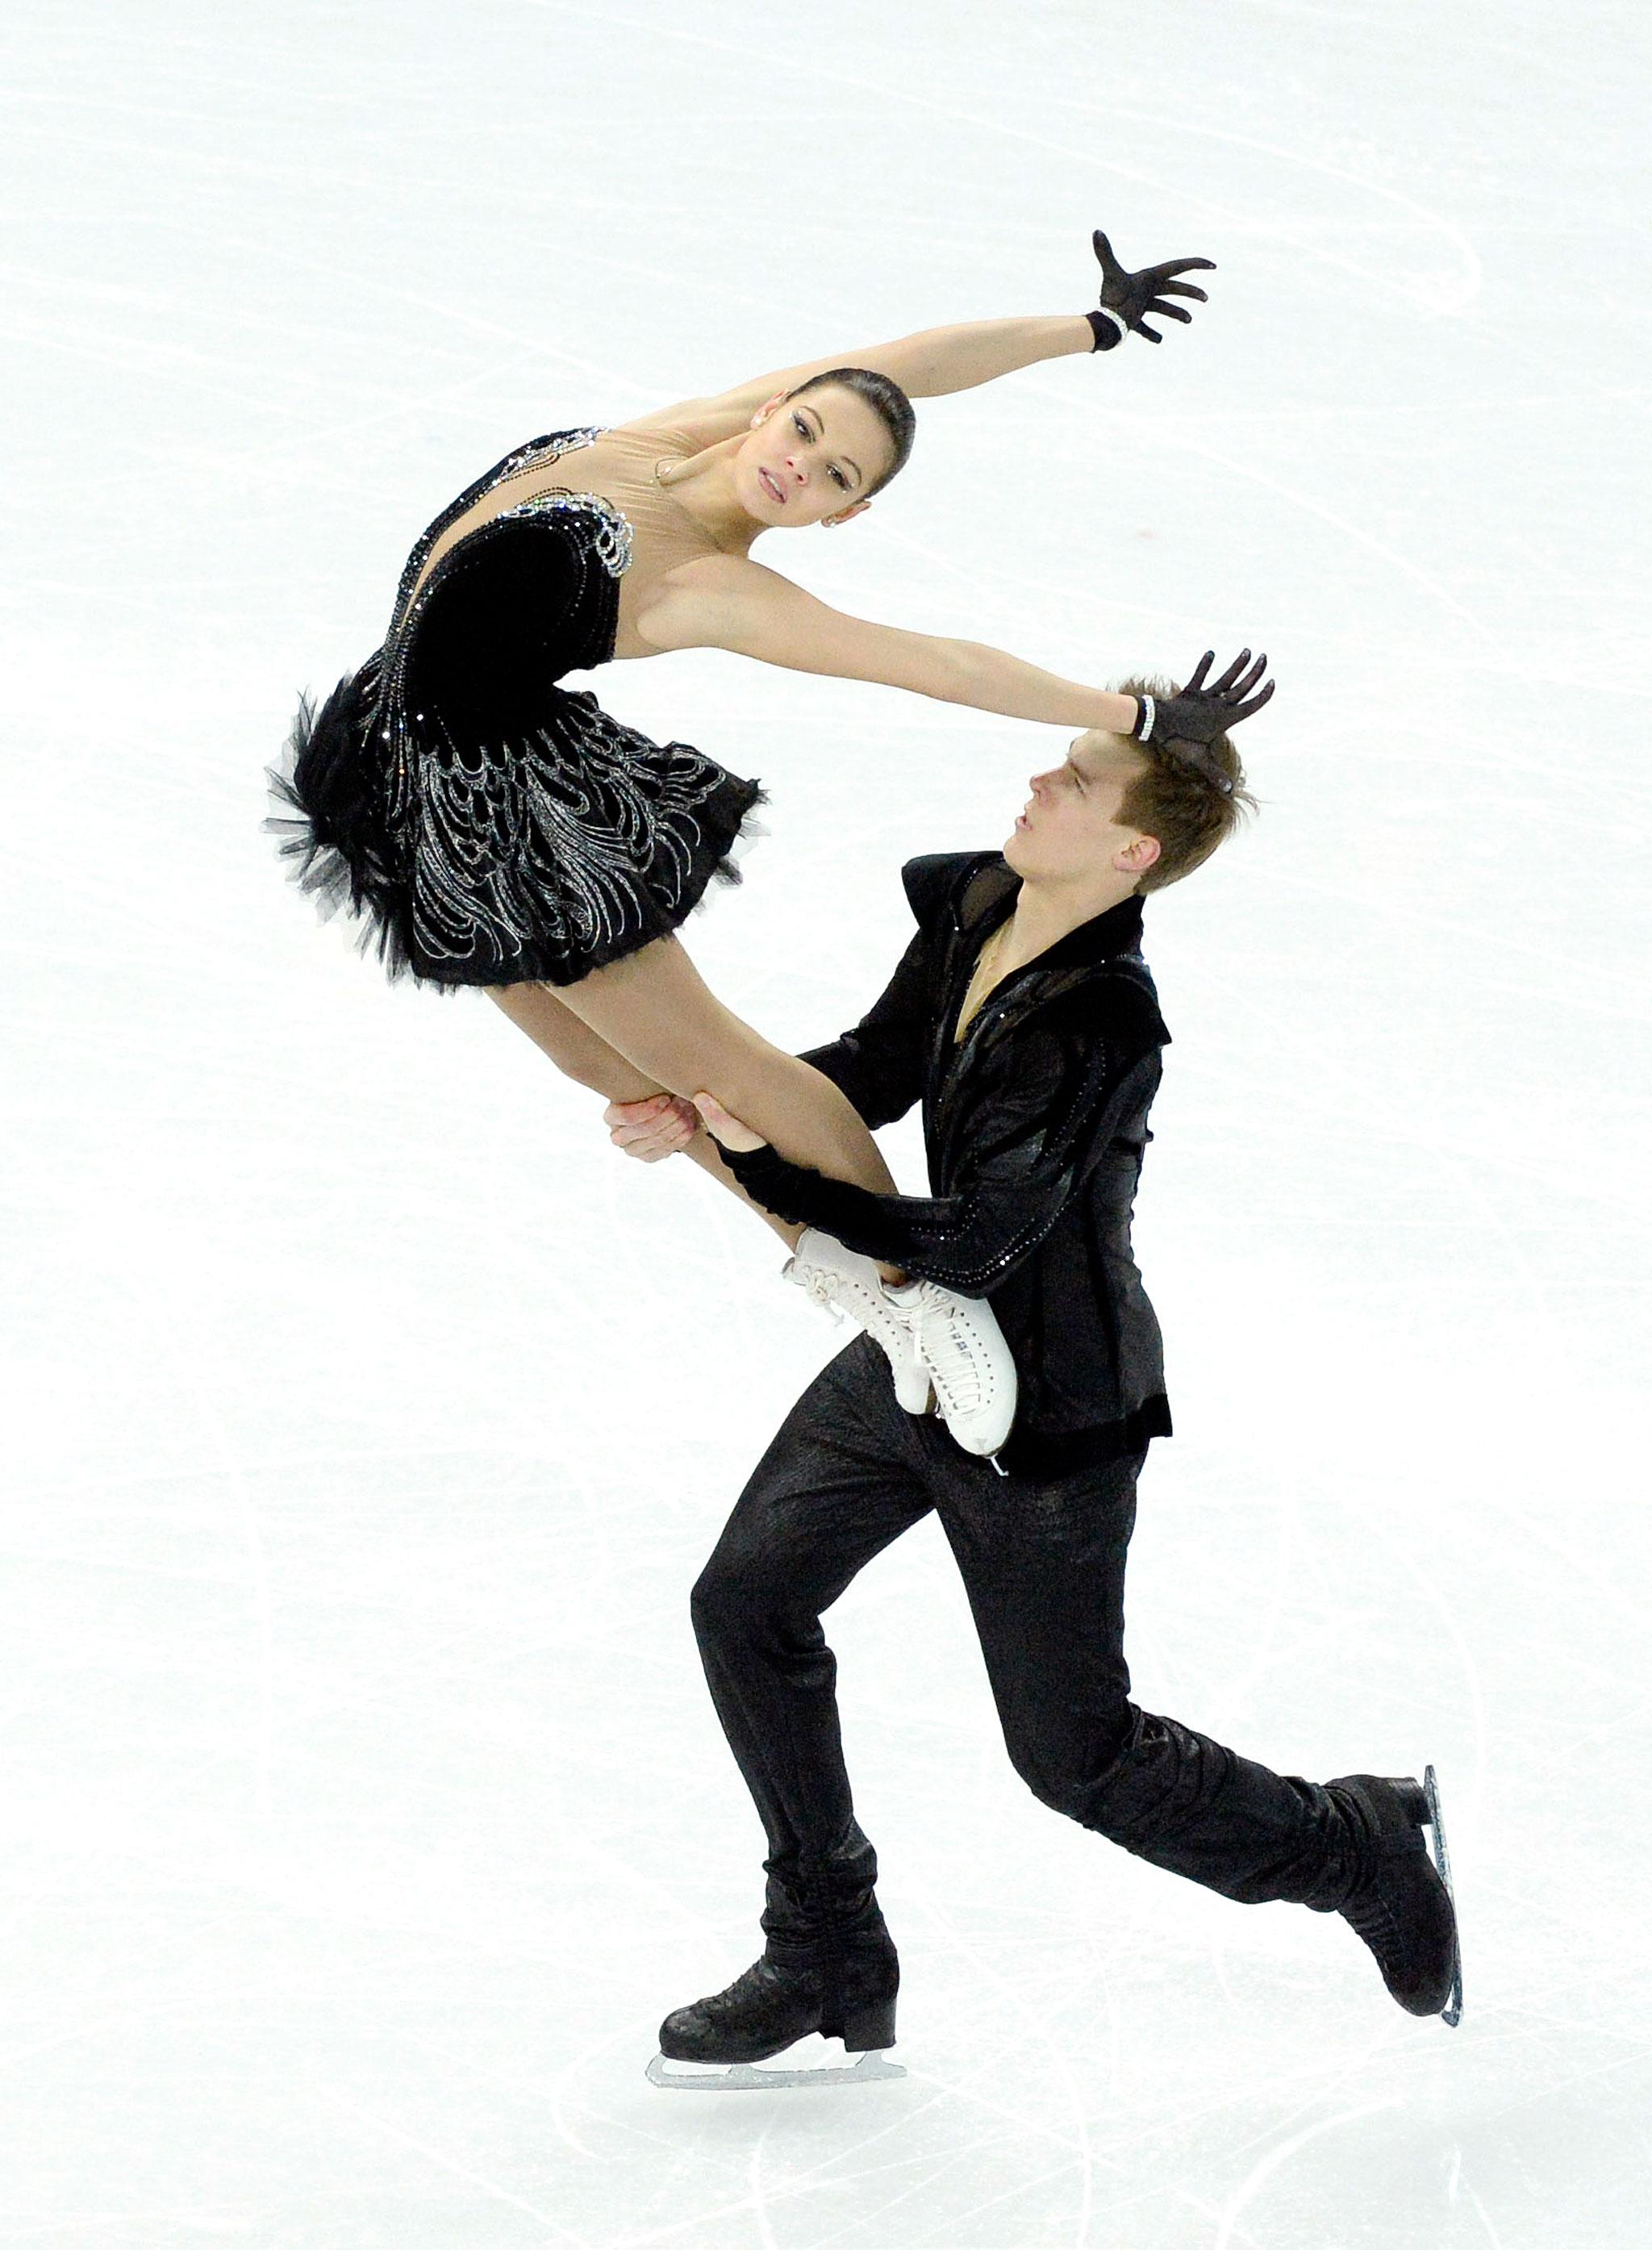 Elena and nikita skating dating 5